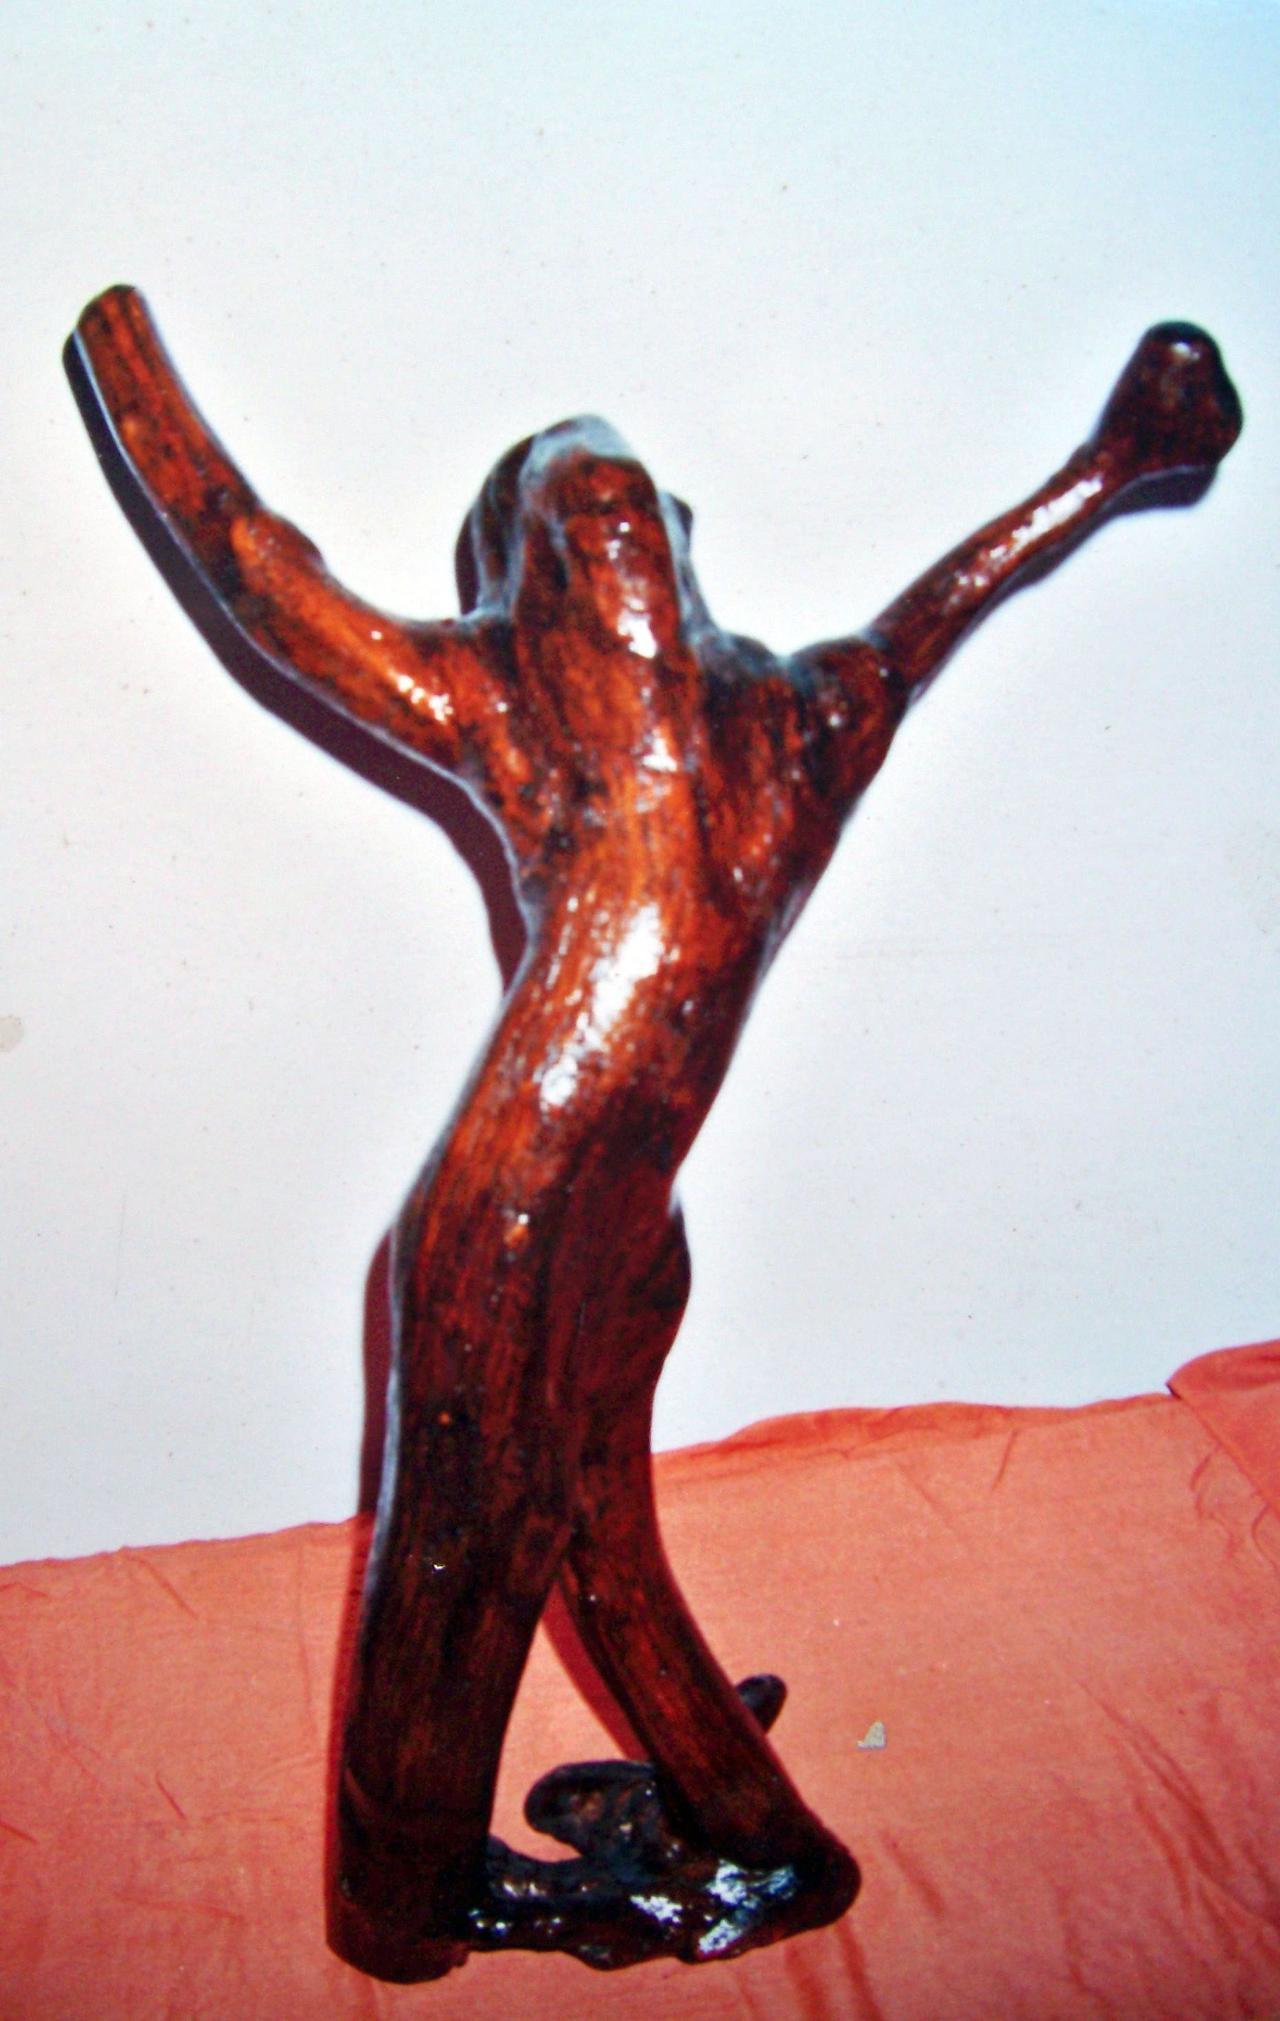 盐亭艺人杜广周精雕细刻让枯树根焕发新生命